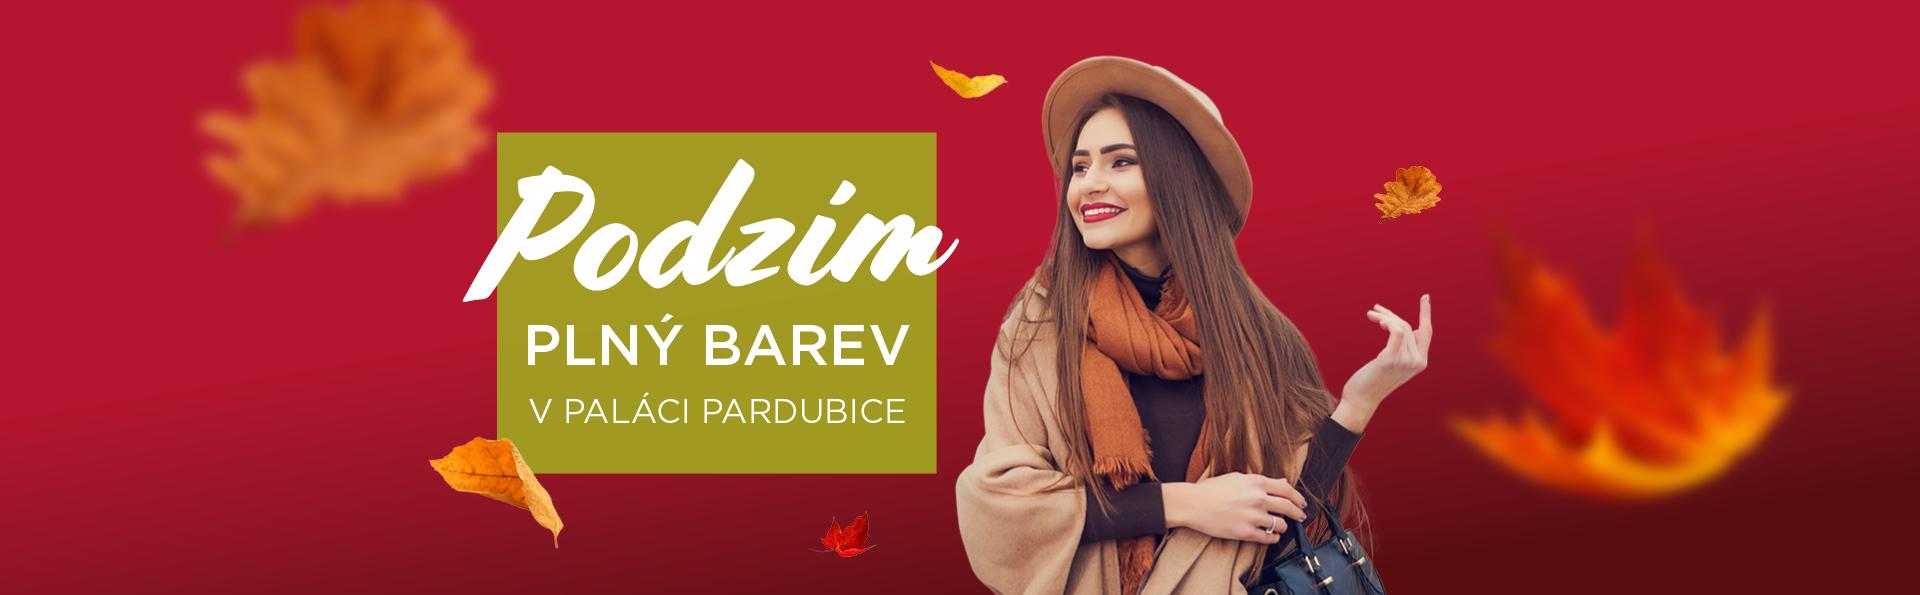 Podzim plný barev v PALÁCI Pardubice